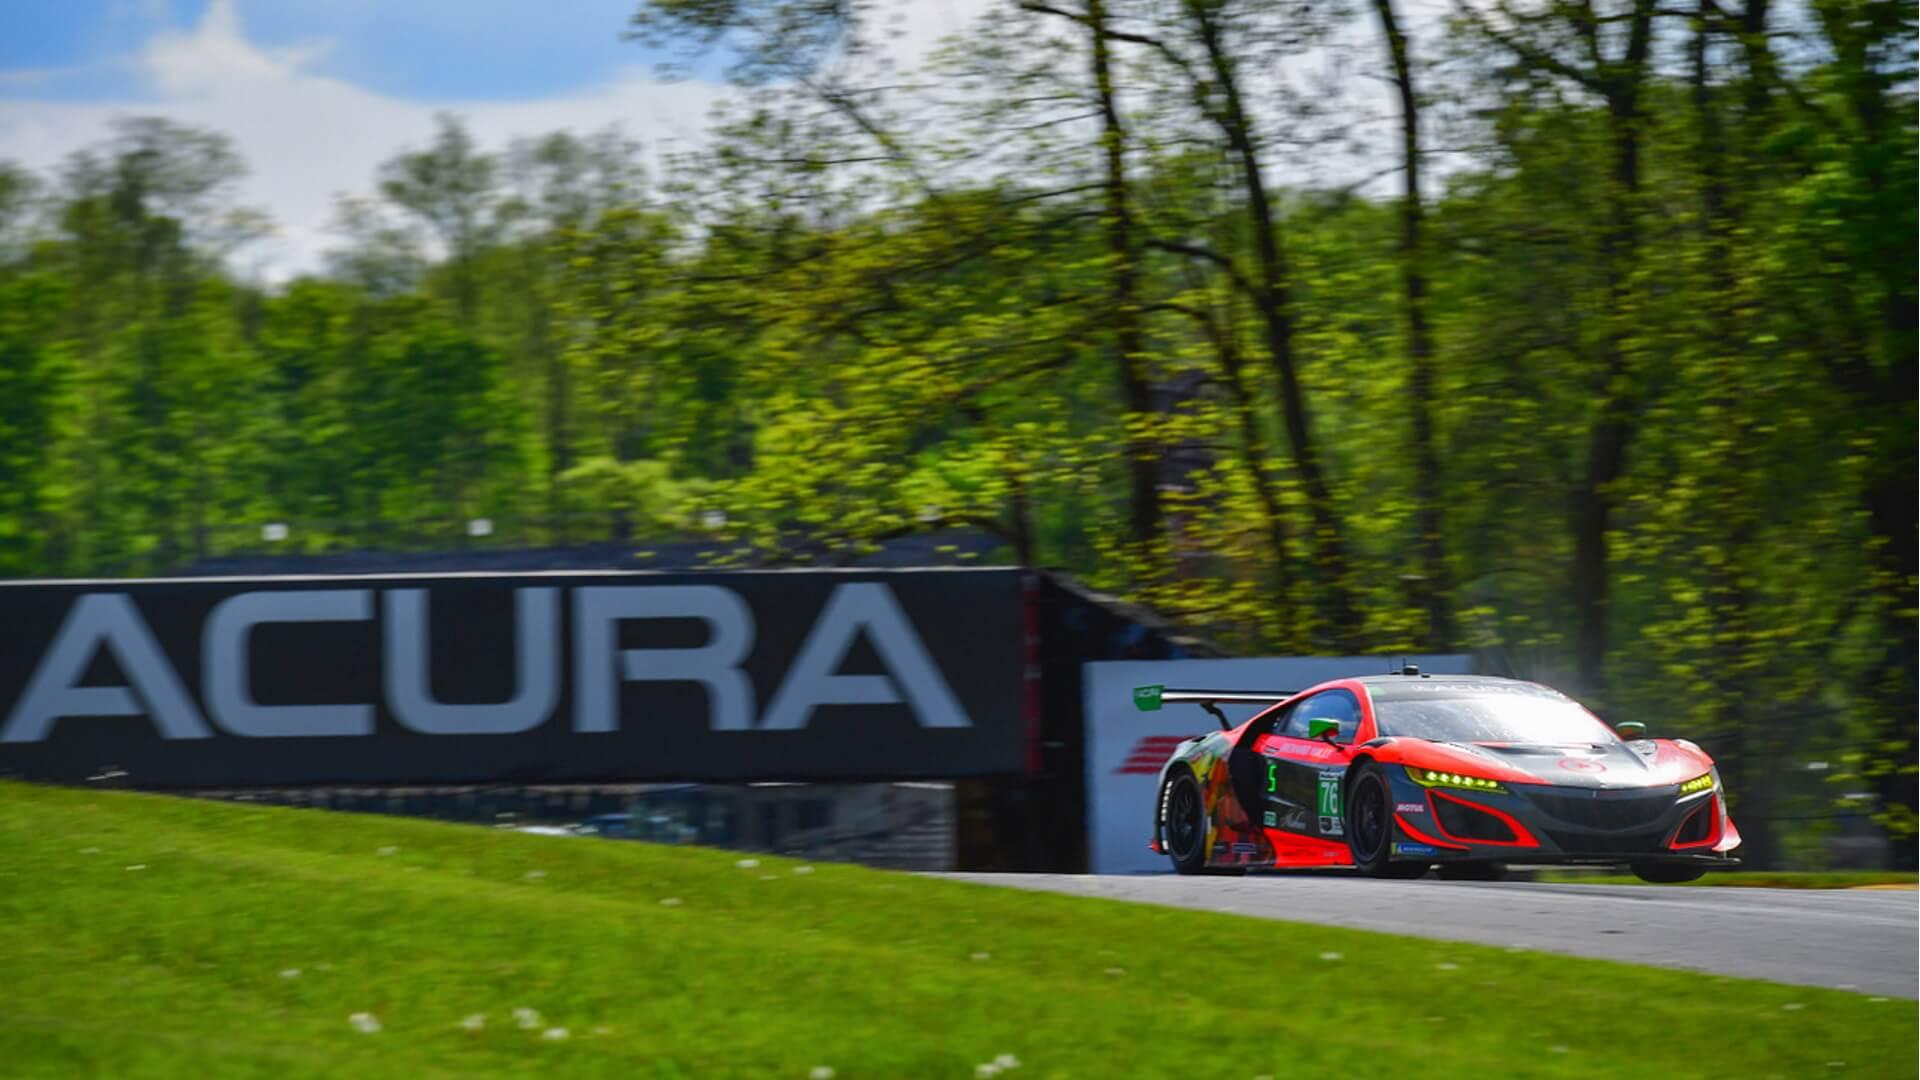 Mit Compass Racing und Acura im Sprint Cup